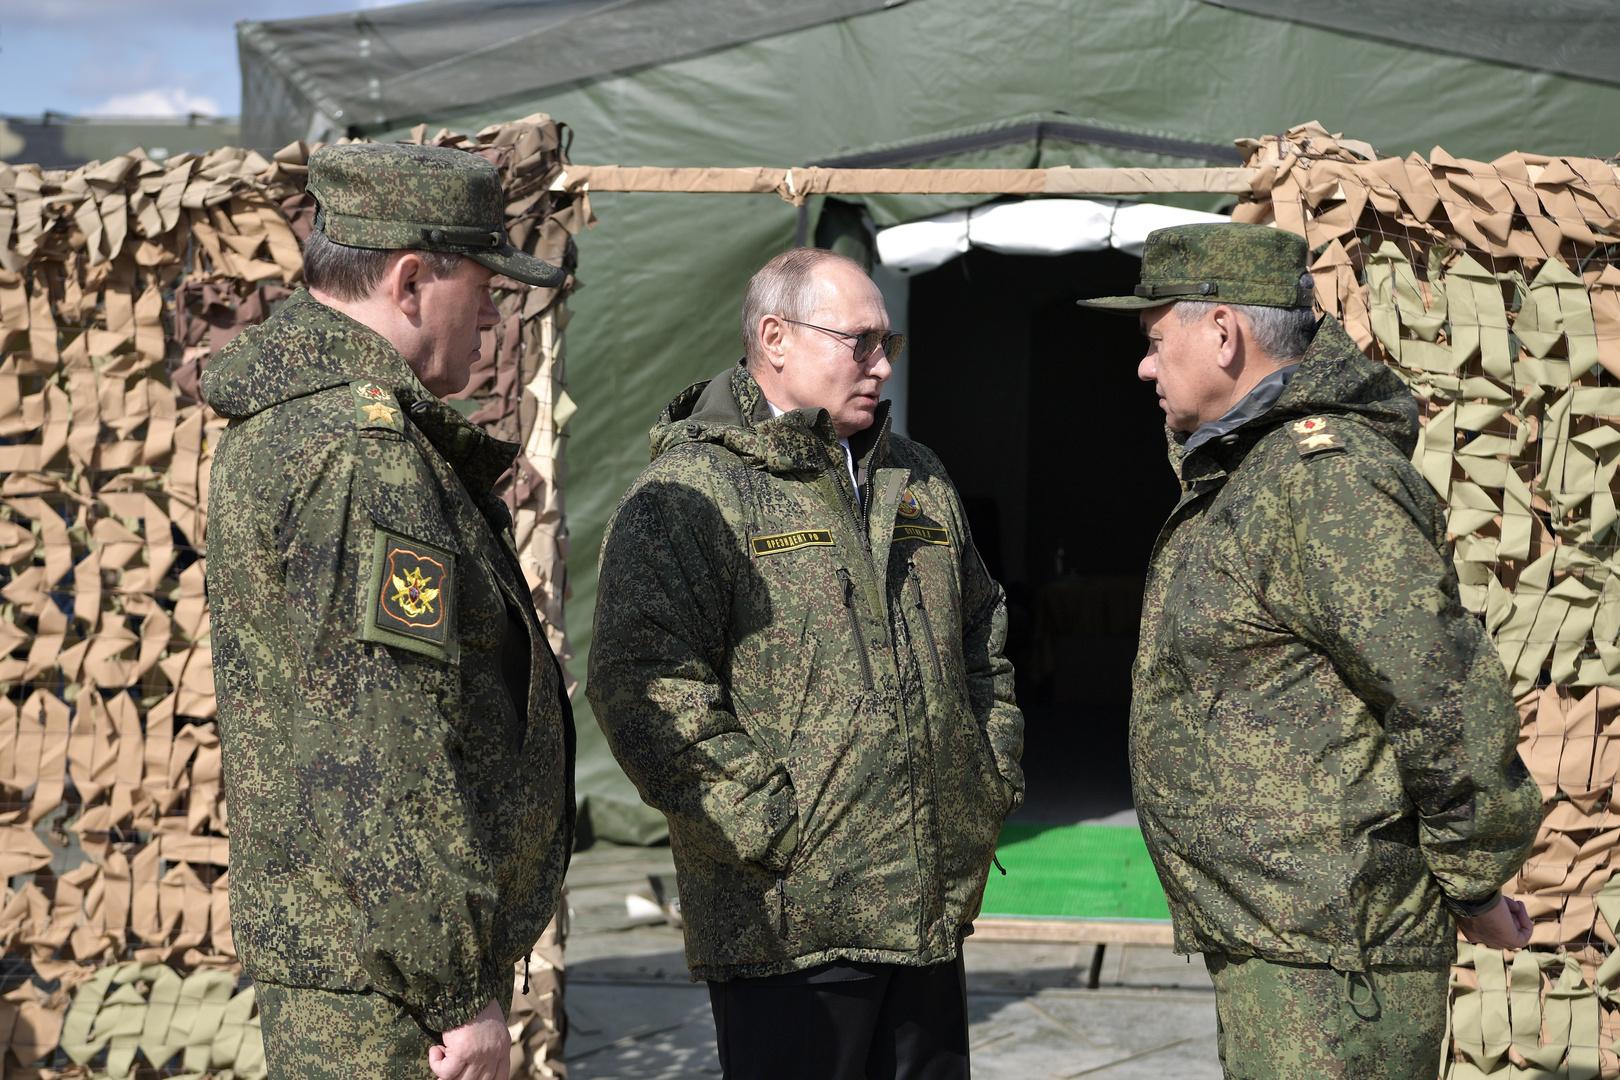 البنتاغون يدق ناقوس الخطر: بوتين ينشئ قاعدة عسكرية في القرن الإفريقي